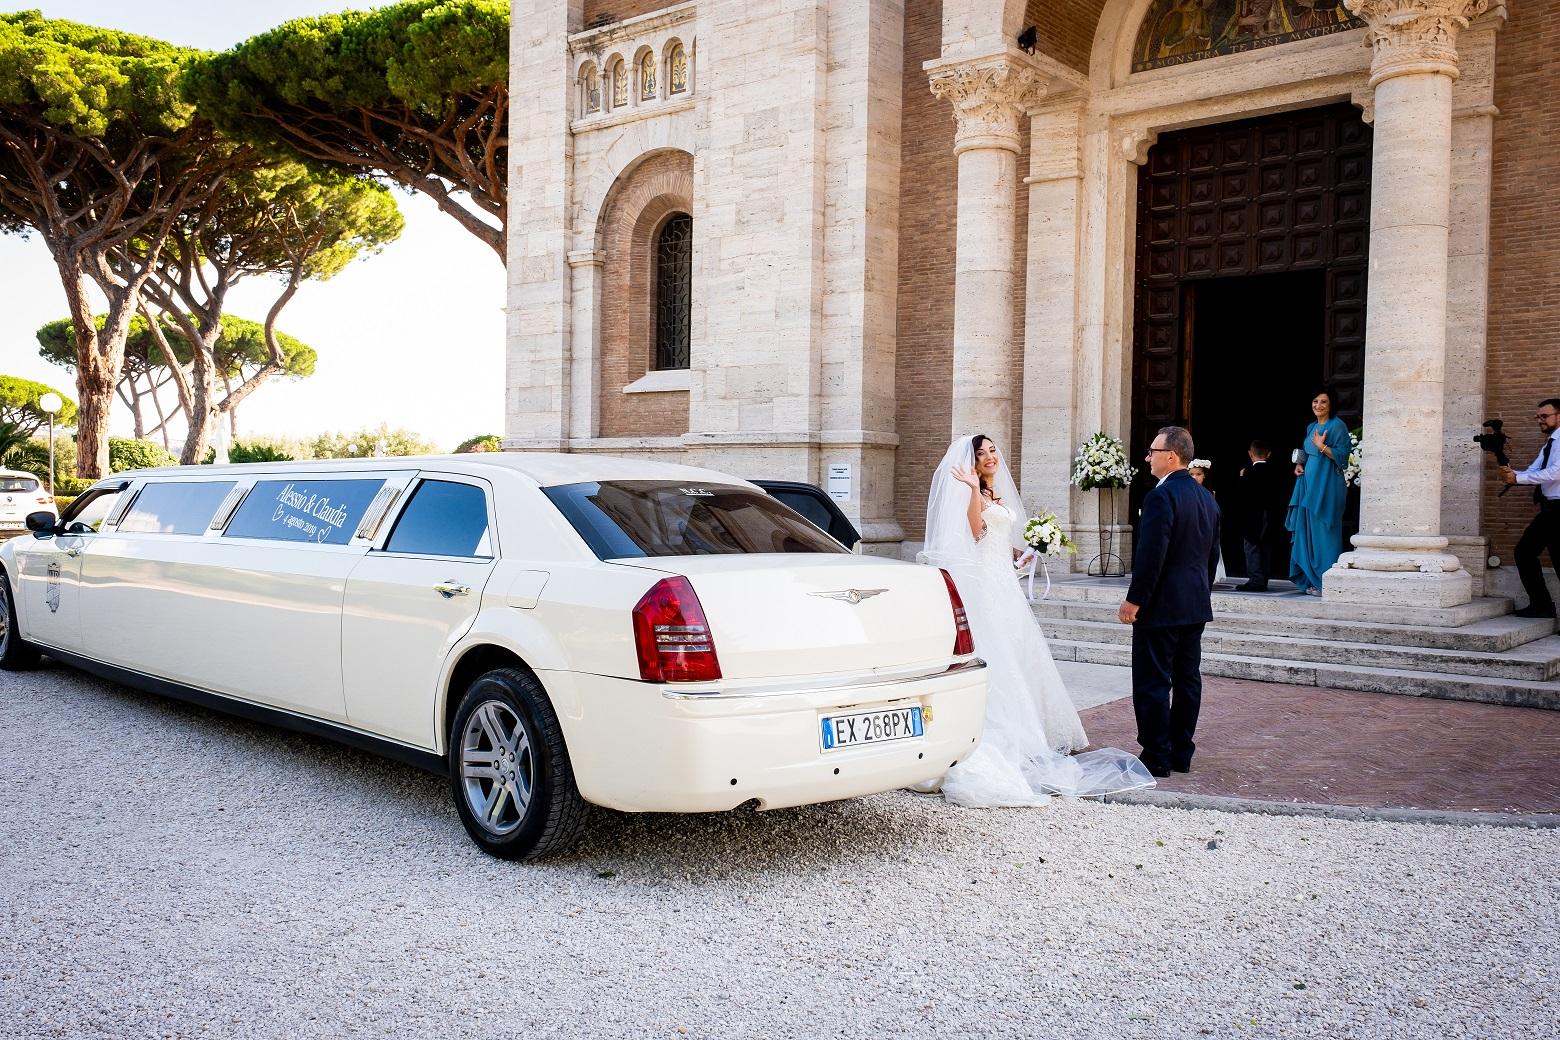 affitto Limousine Roma Matrimonio